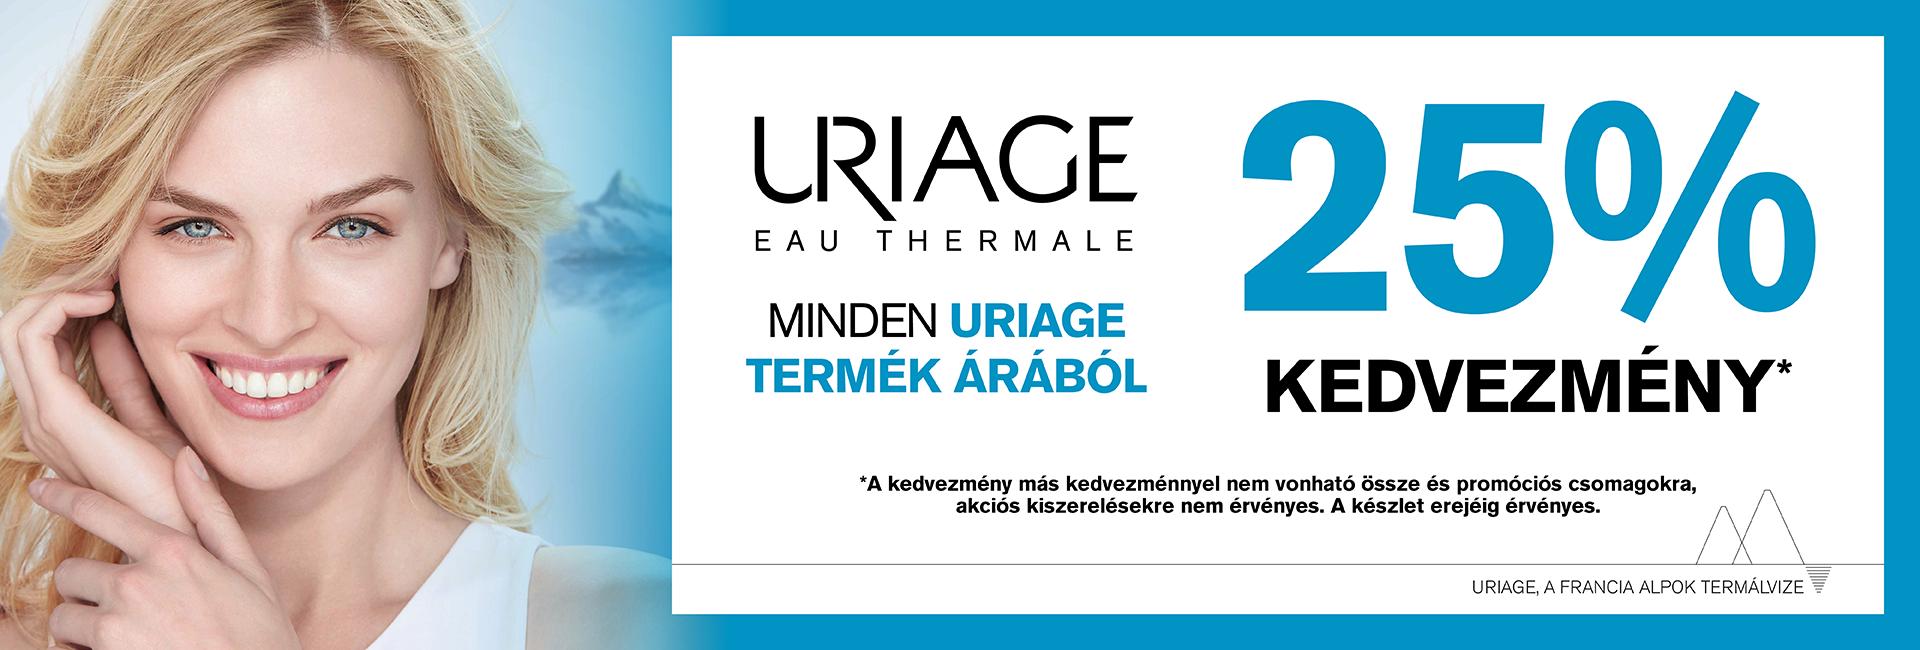 2020. október 8-12. között 25% kedvezményt adunk minden Uriage termék árából!